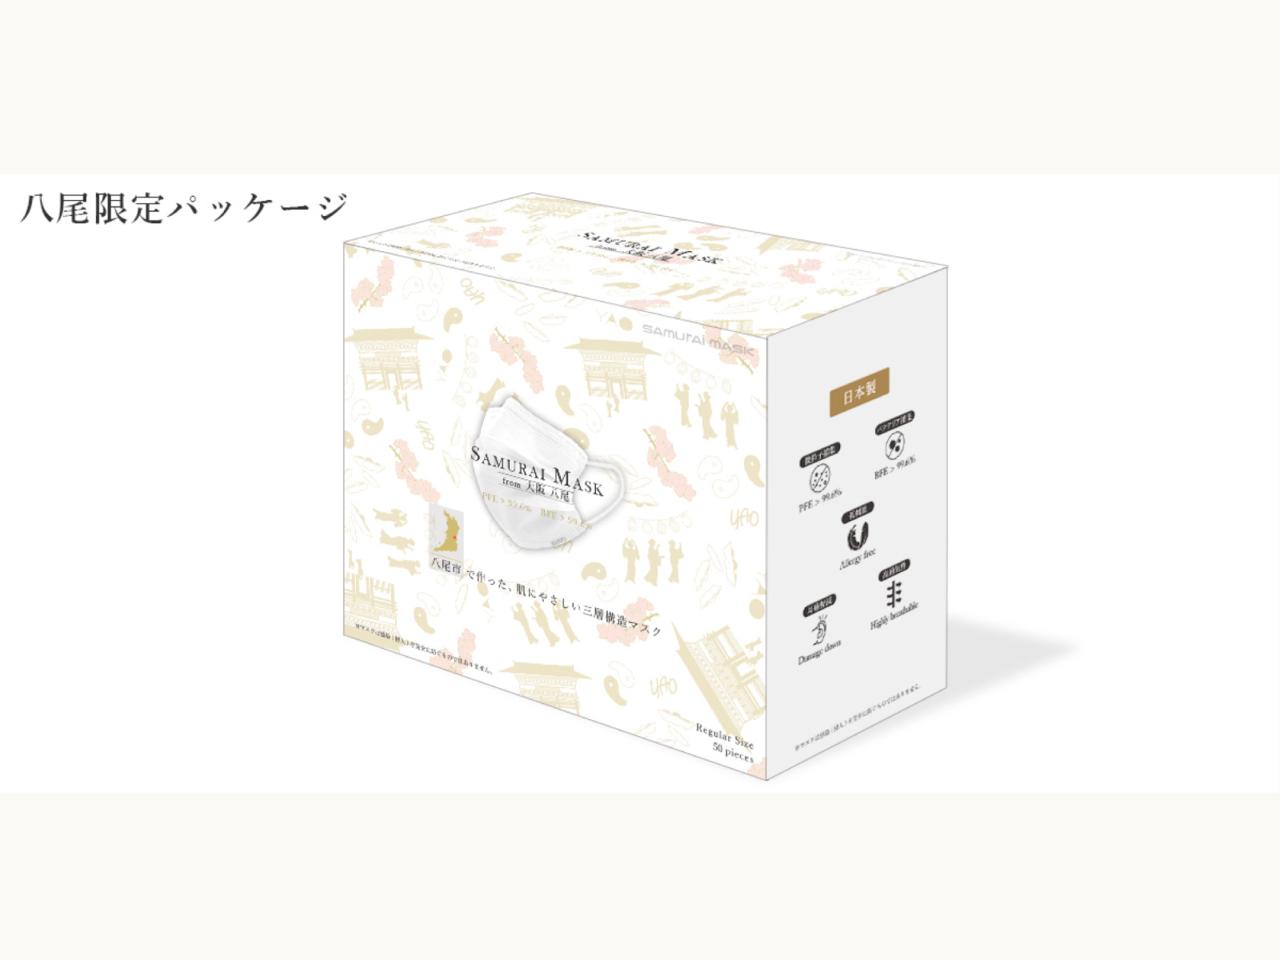 """安心安全の""""純国産マスク""""。""""大阪八尾特別パッケージ""""の特別プライスで販売開始。"""